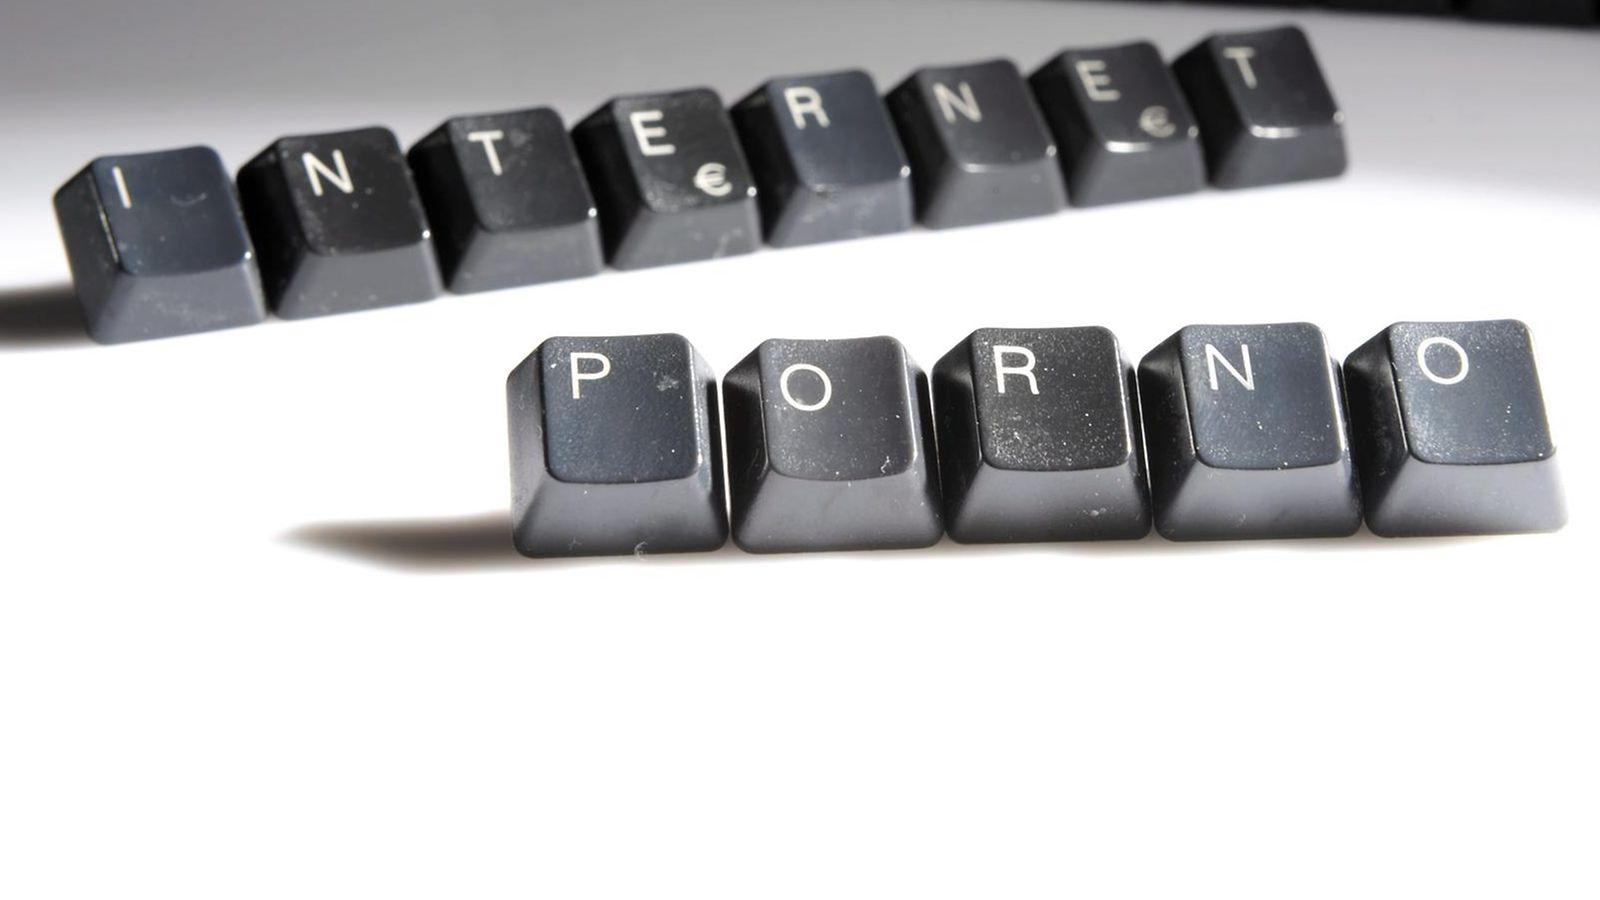 porno video net trivago mainos nainen